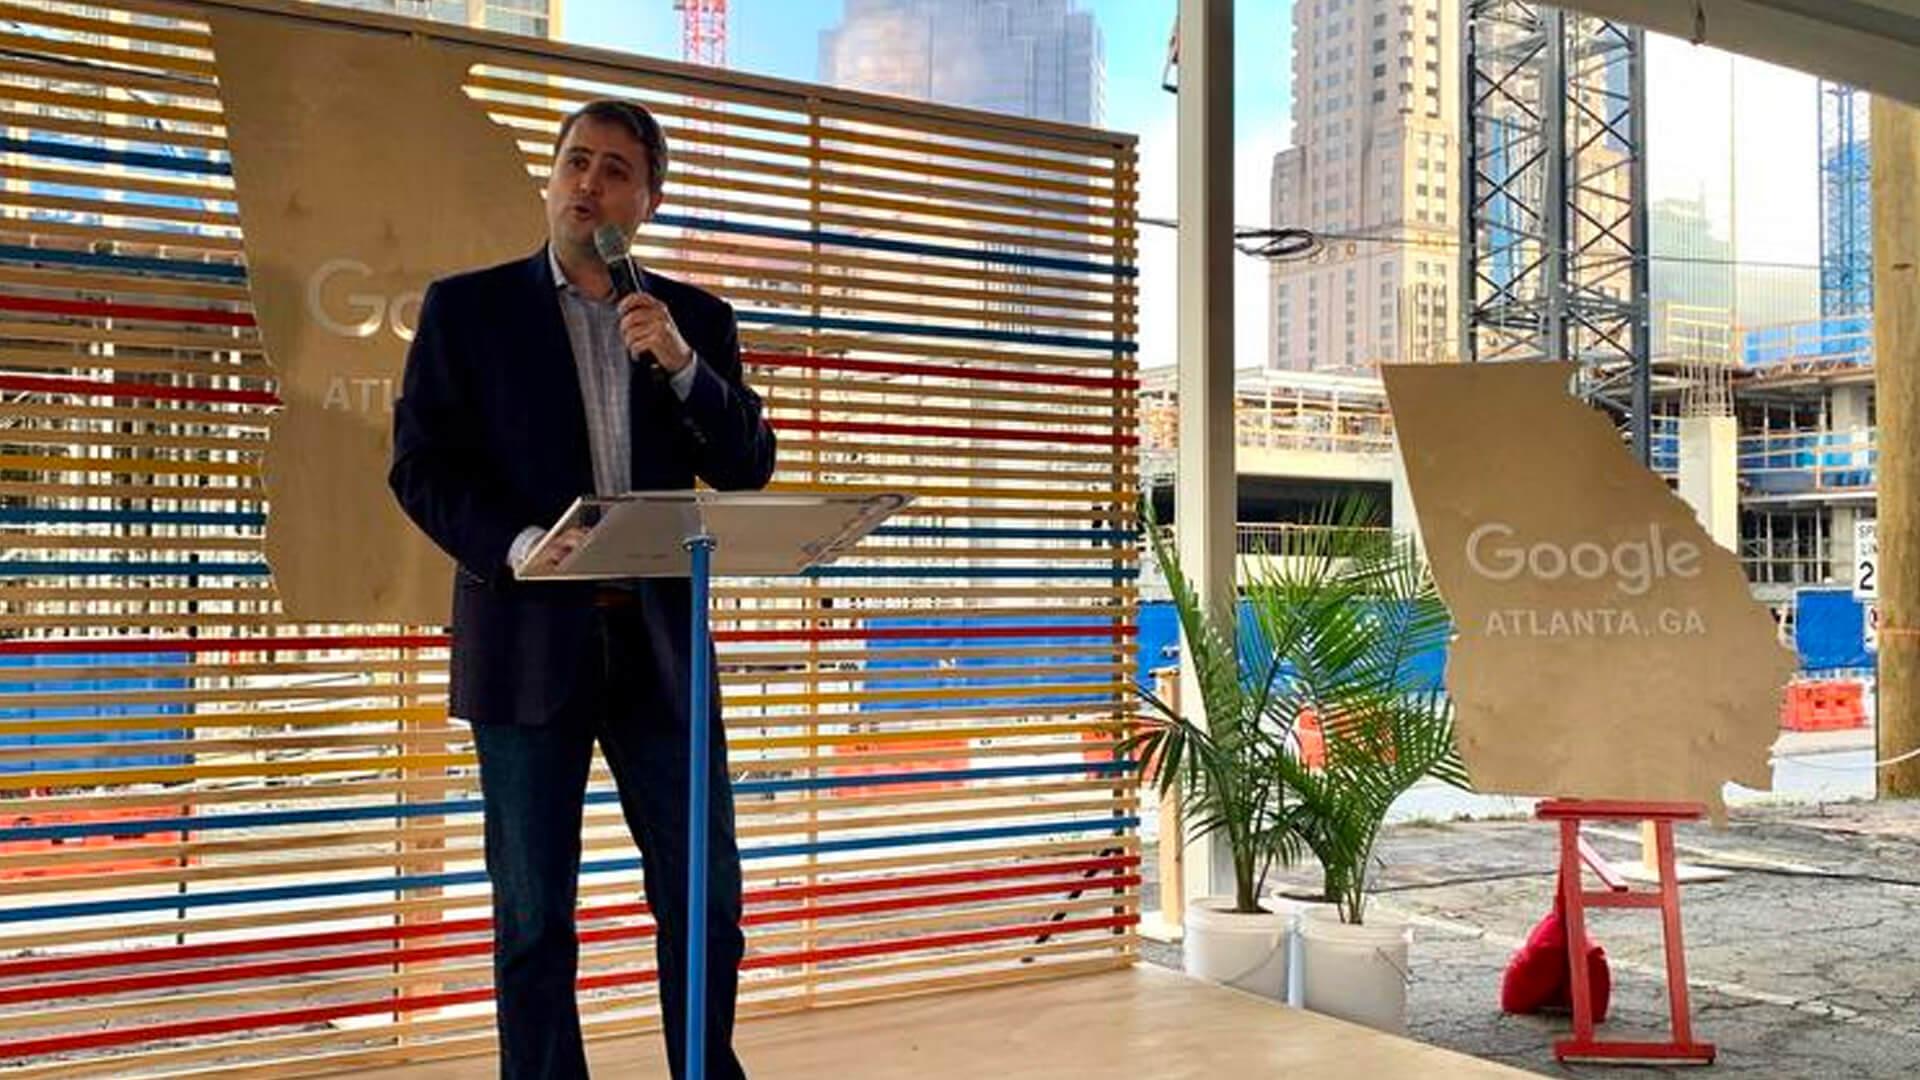 Google confirms Atlanta expansion, but details still vague